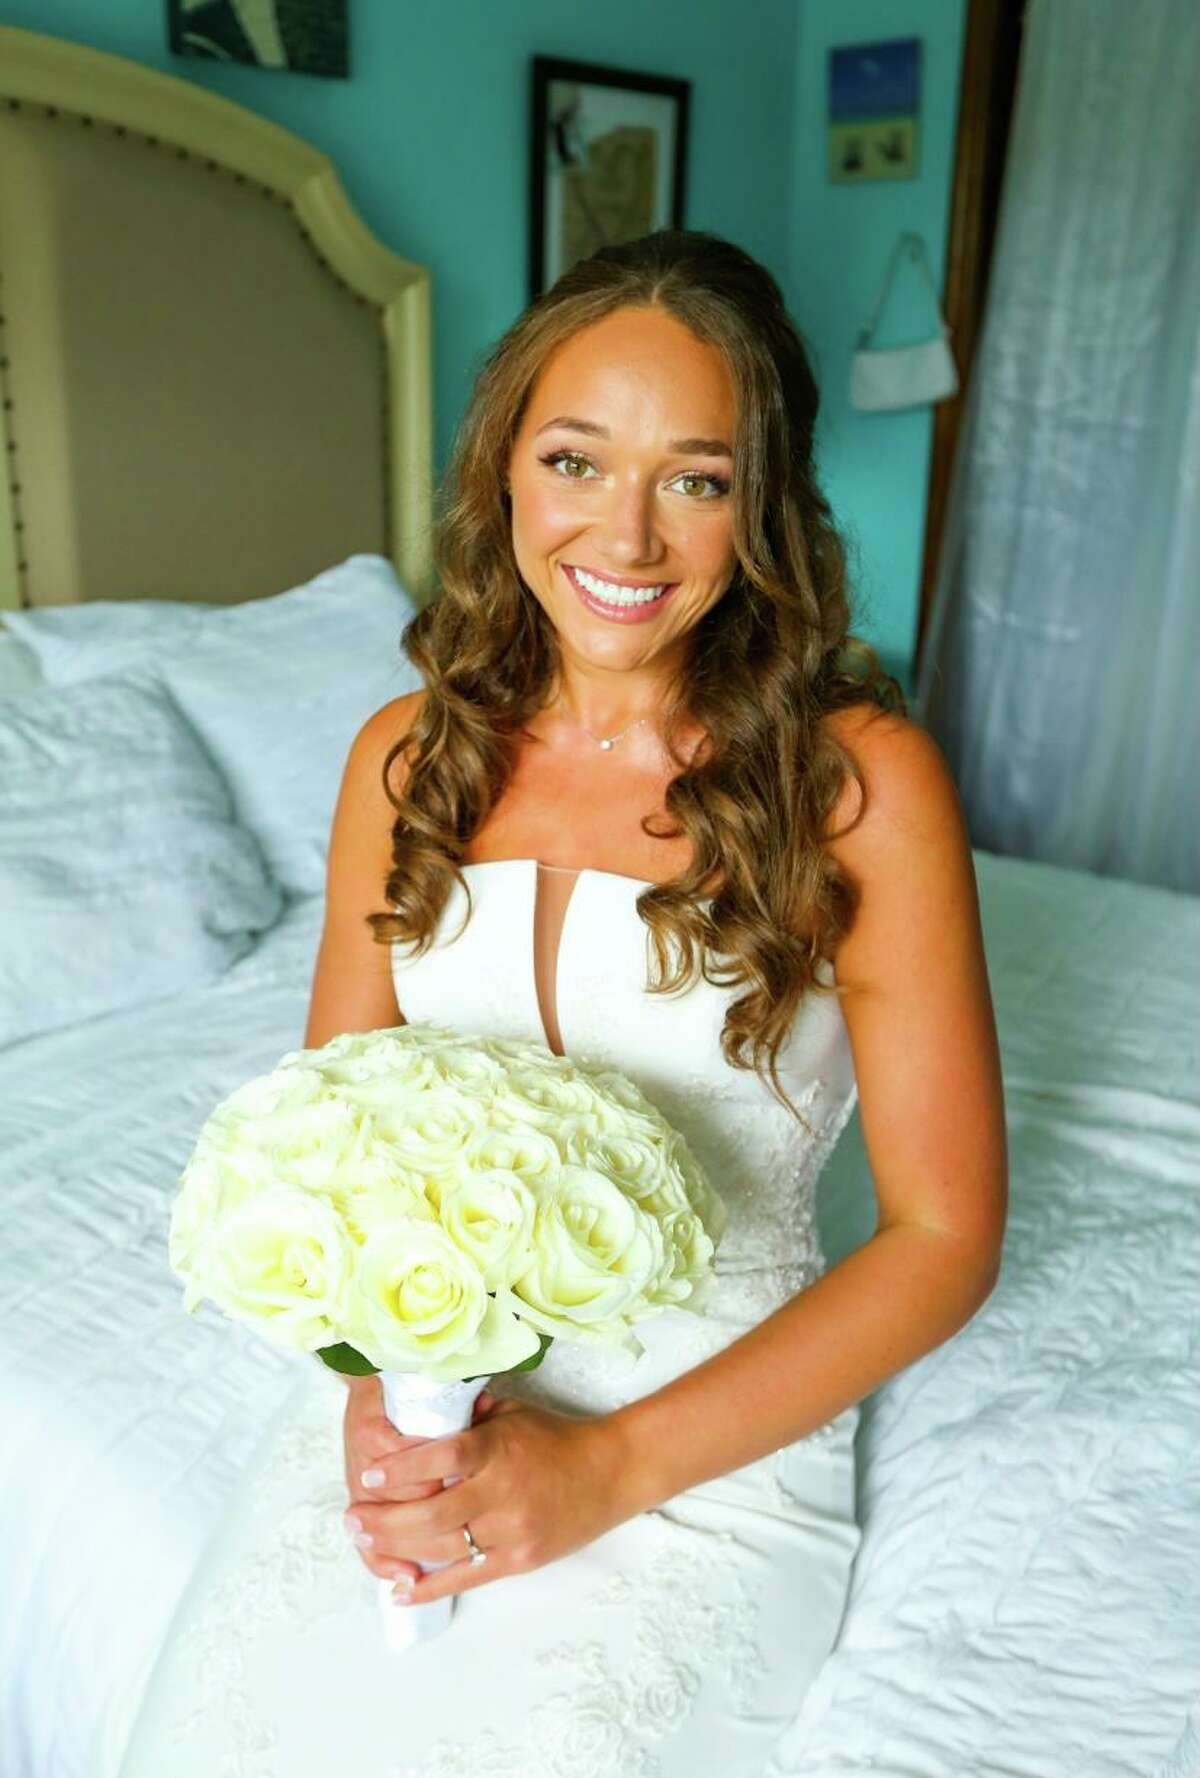 Nicole Vengalli on her wedding day, Aug. 20, 2021.